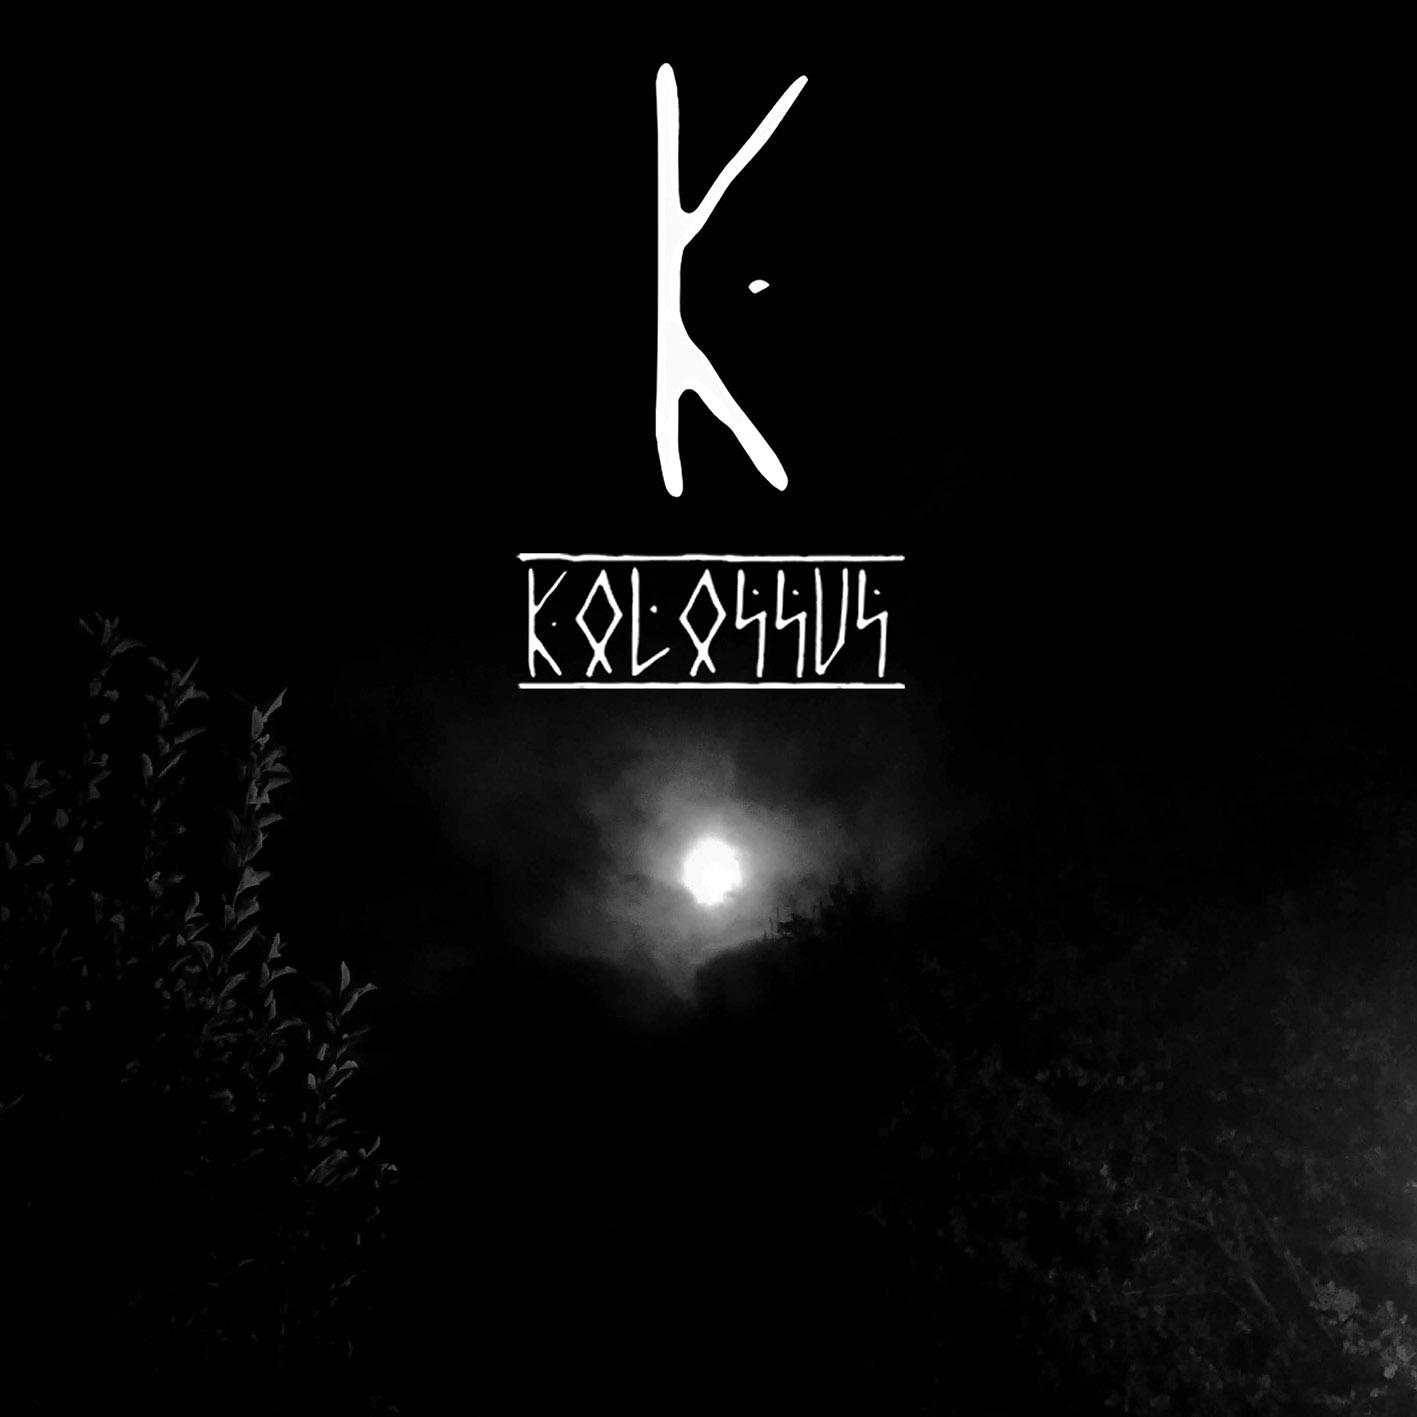 Kolossus - cover HD